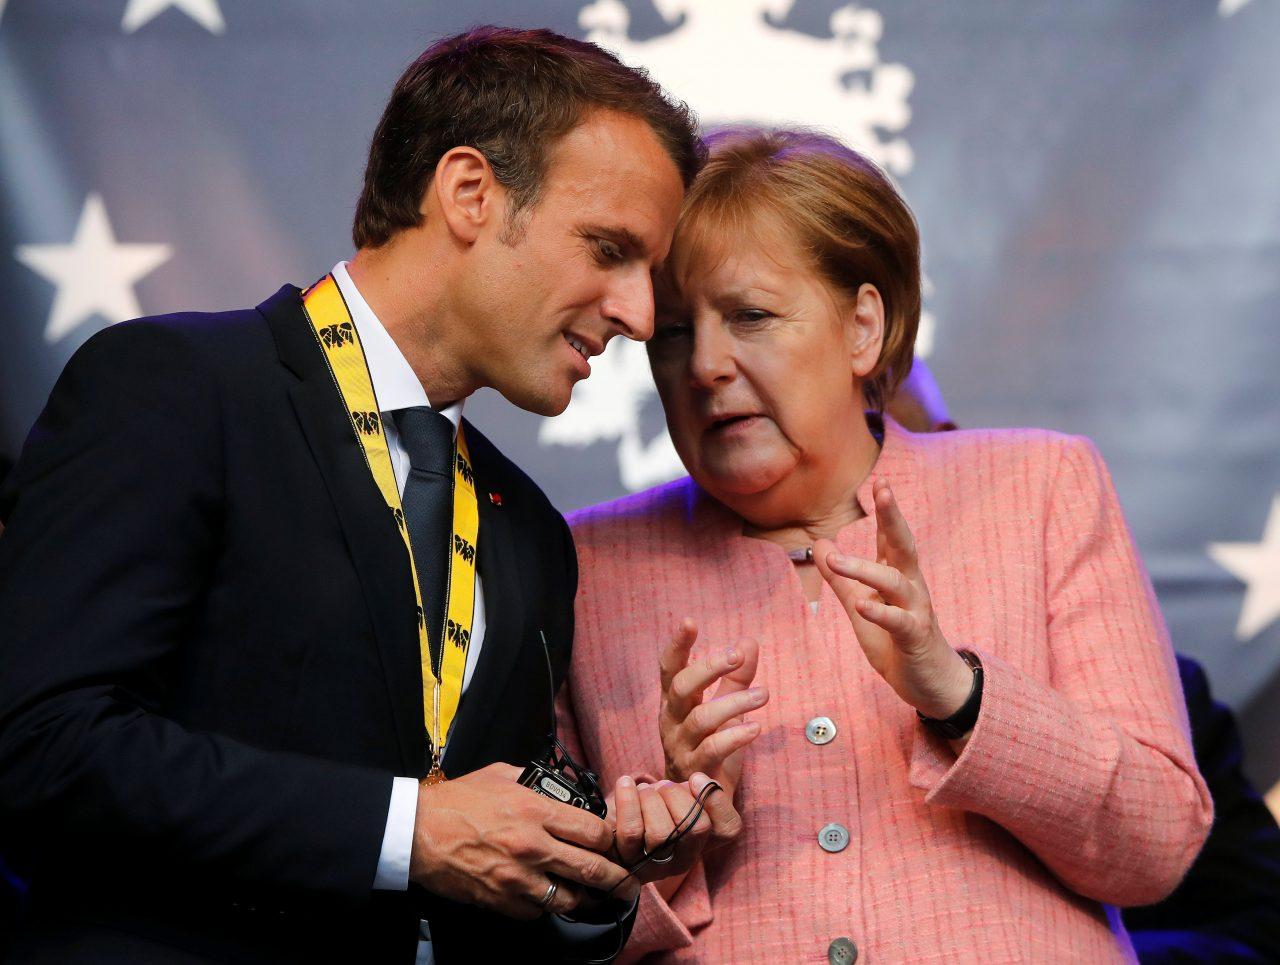 Pegasus: Macron cambia su teléfono; Israel evalúa frenar venta del software